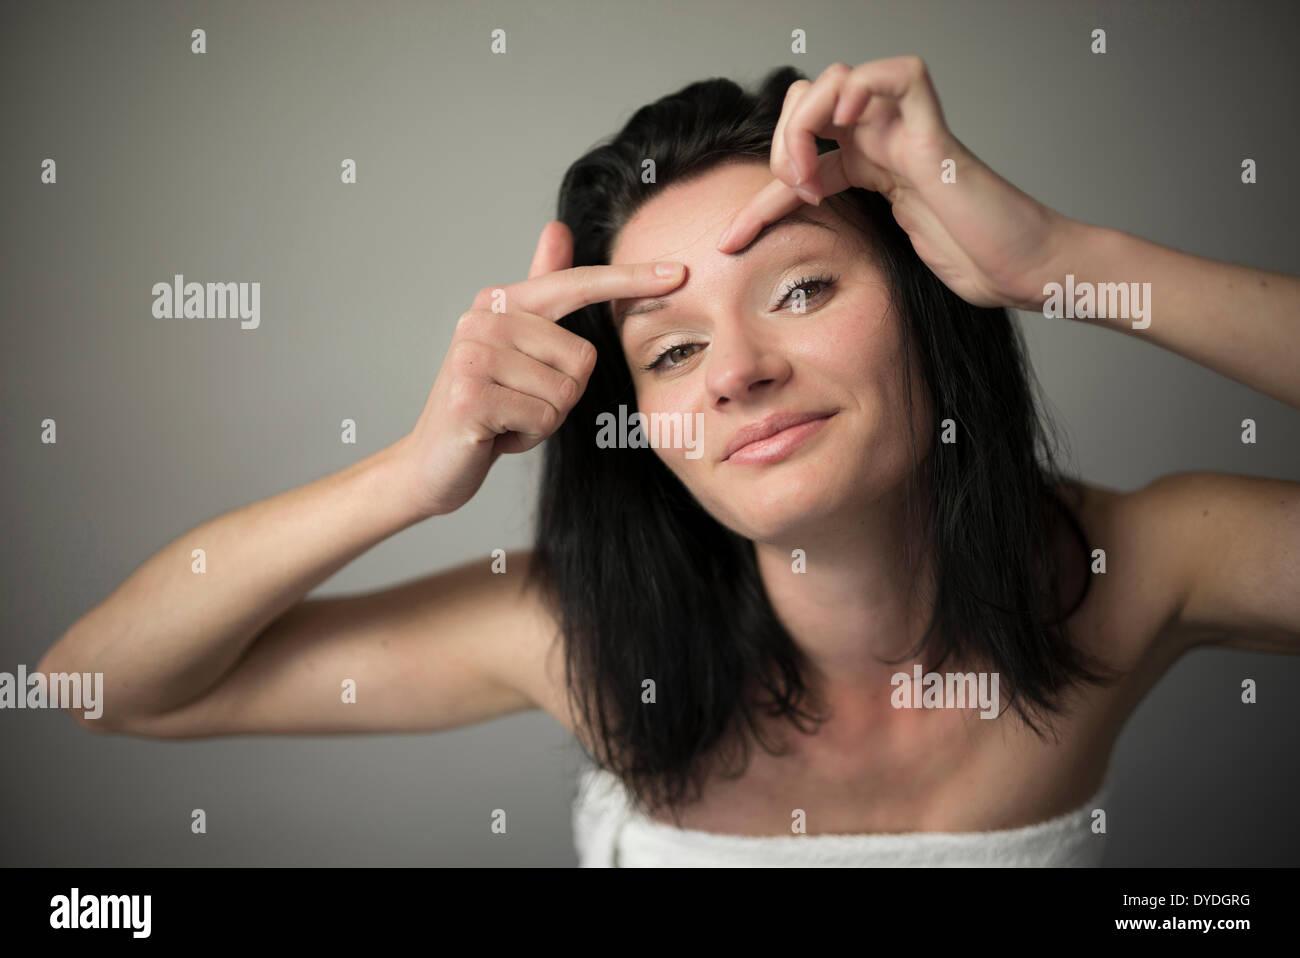 Une belle fille espiègle serrant son front. Photo Stock